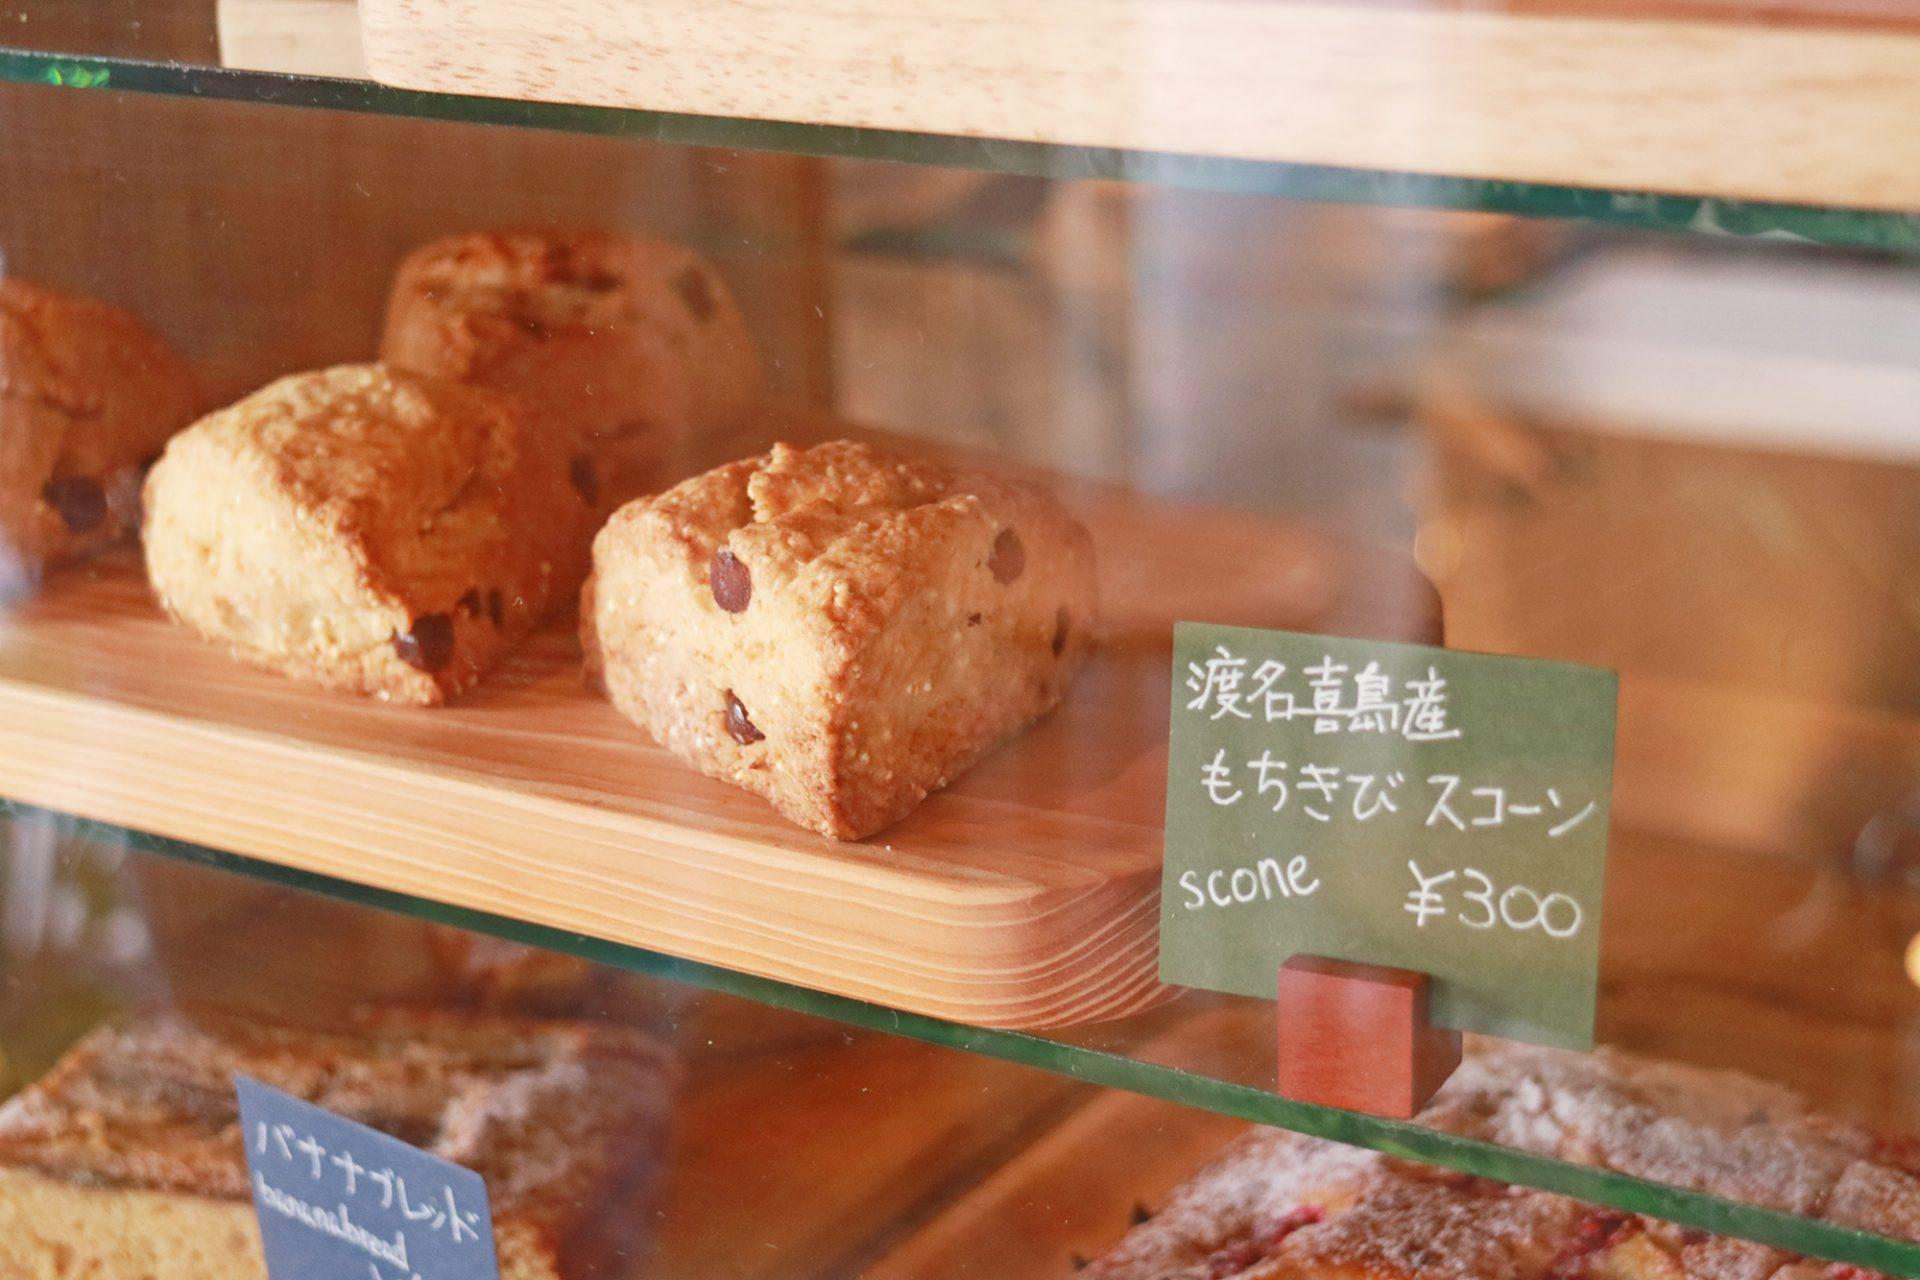 渡名喜島産もちきびスコーン